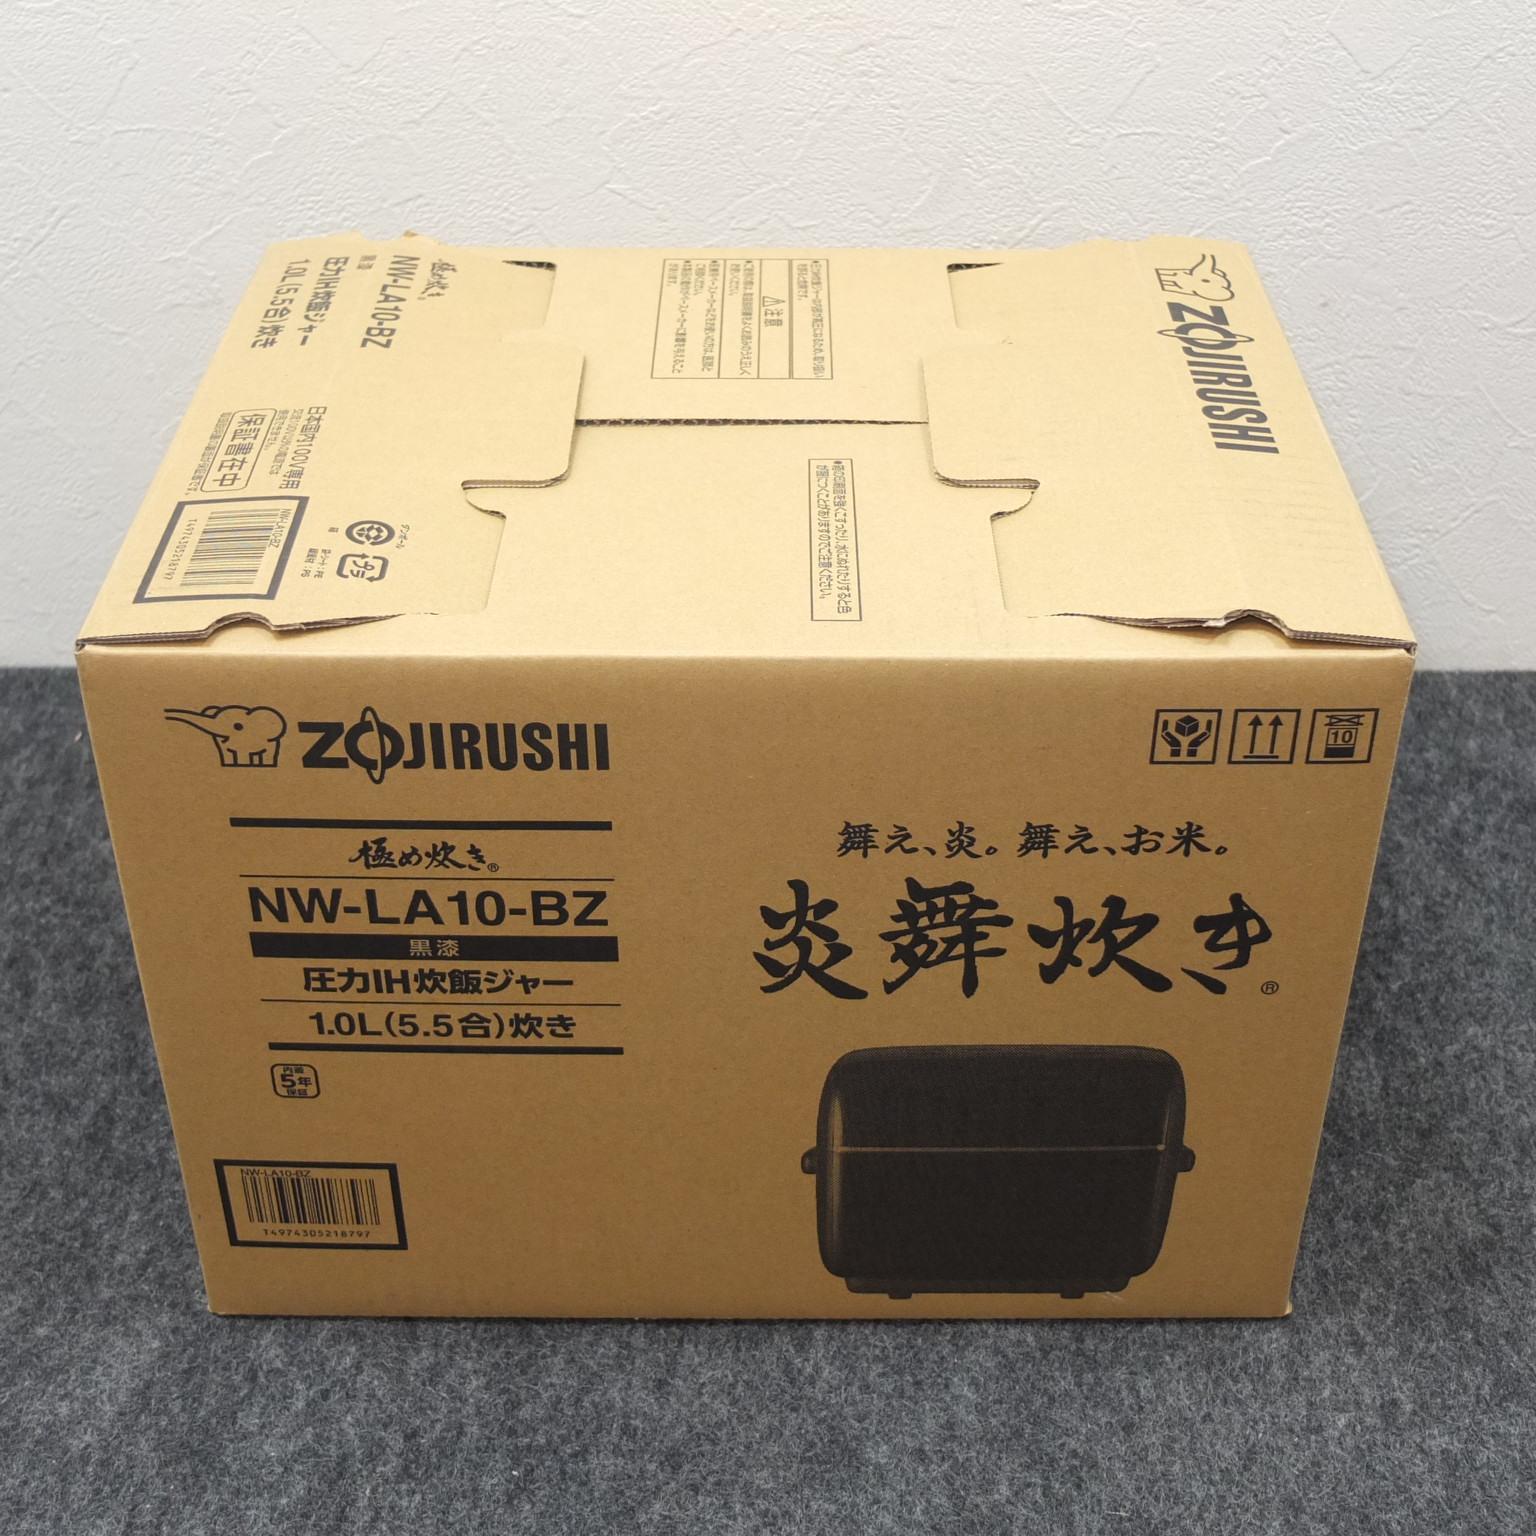 象印 圧力IH炊飯ジャー NW-LA10-BZ 炎舞炊き 黒漆 5.5合炊き